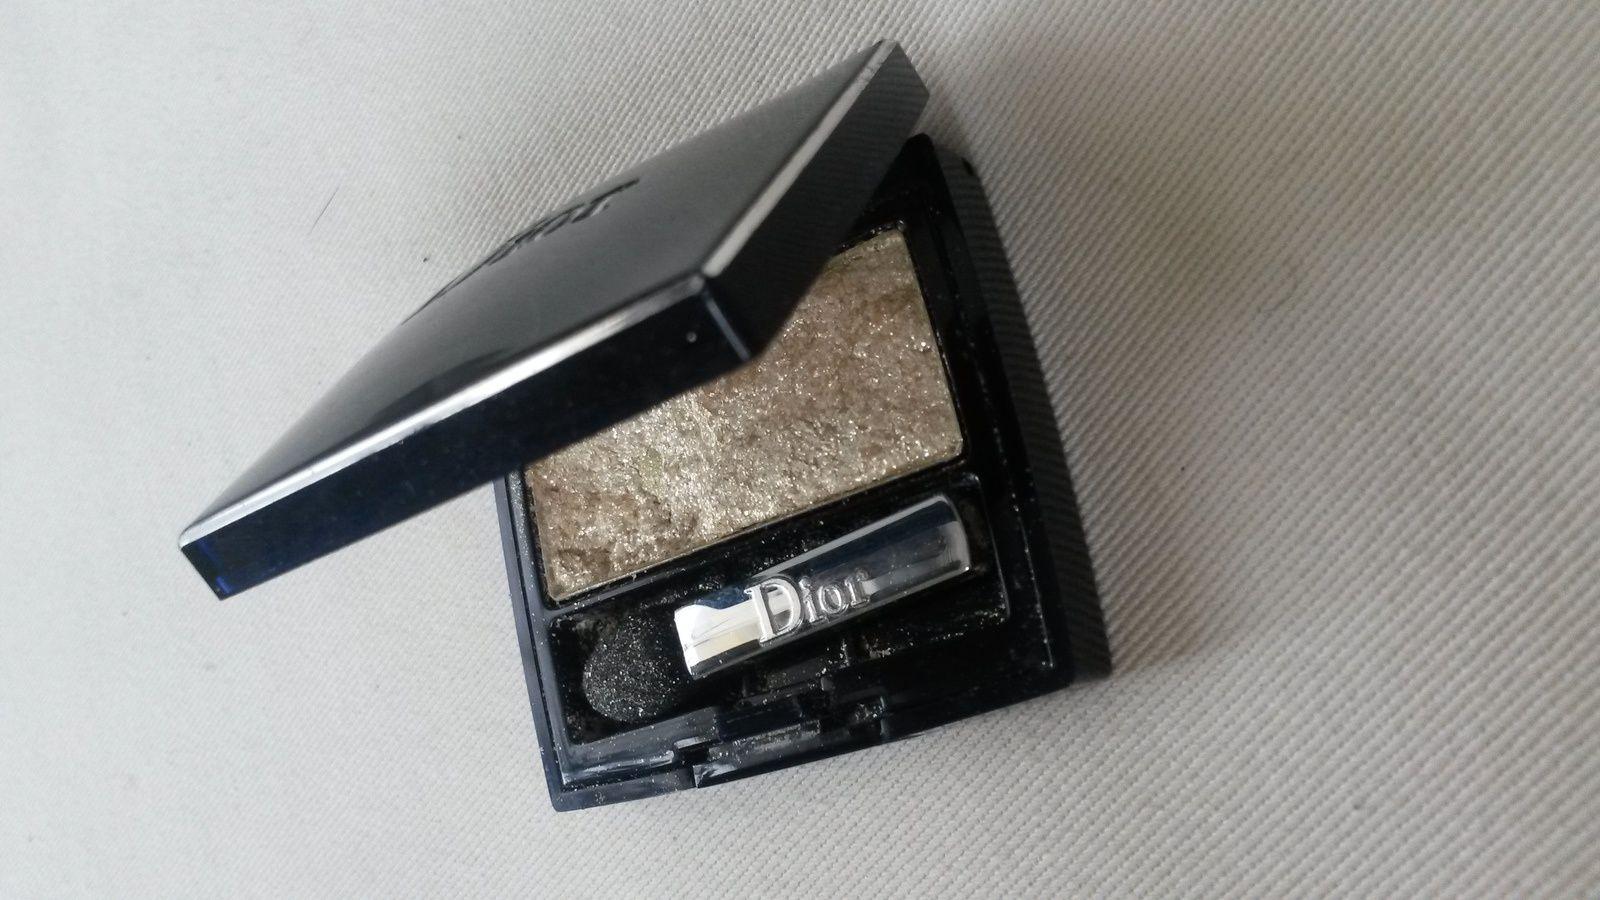 Mon pauvre fard à paupière qui part en lambeaux! Fard à paupières impact couleur effet lissant 616 Golden Spotlight-Dior